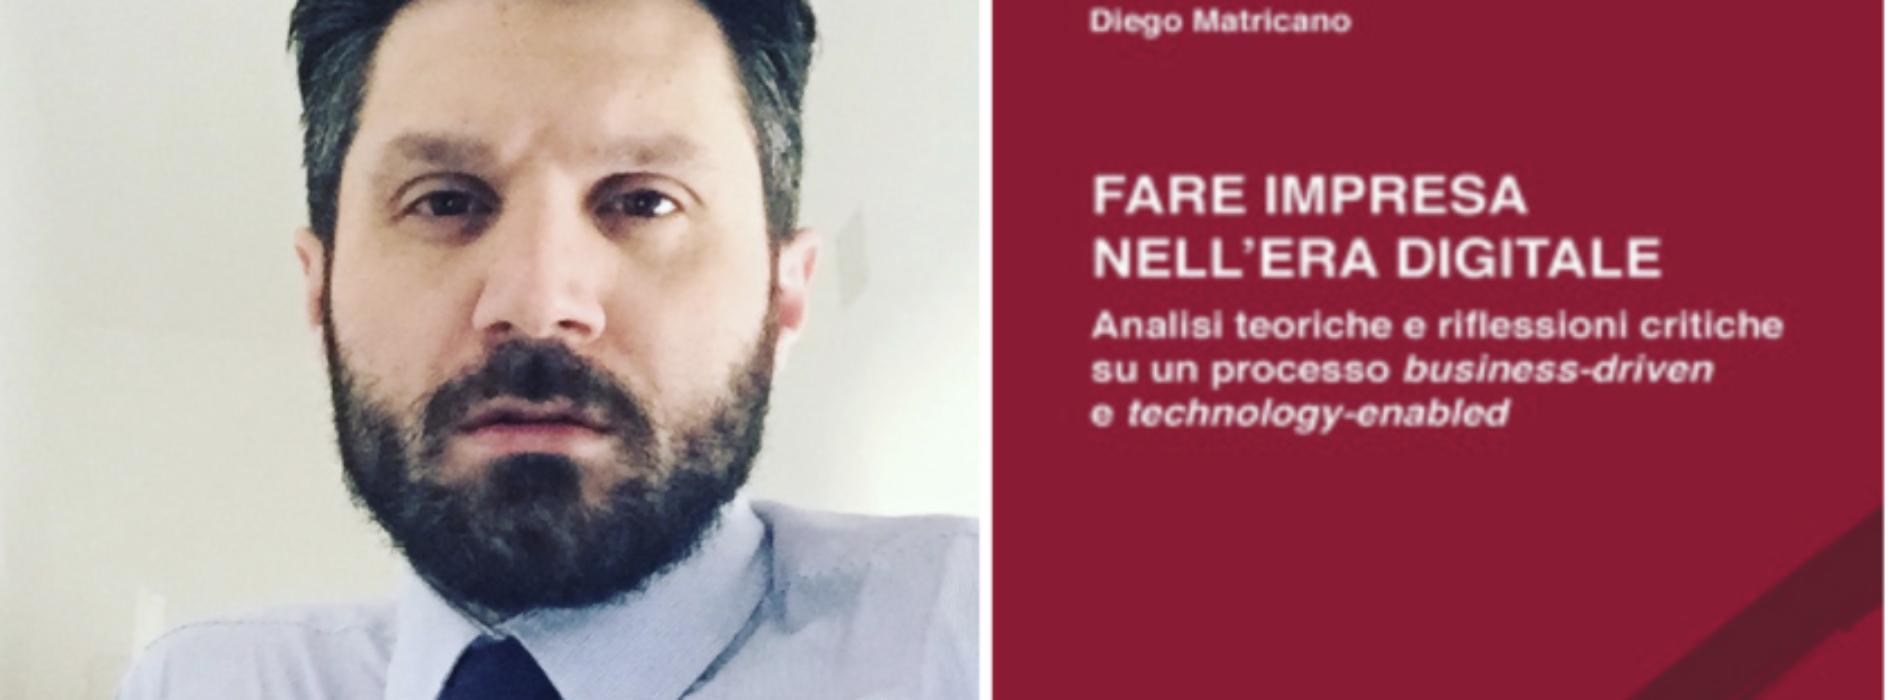 Fare impresa nell'era digitale, il libro di Diego Matricano